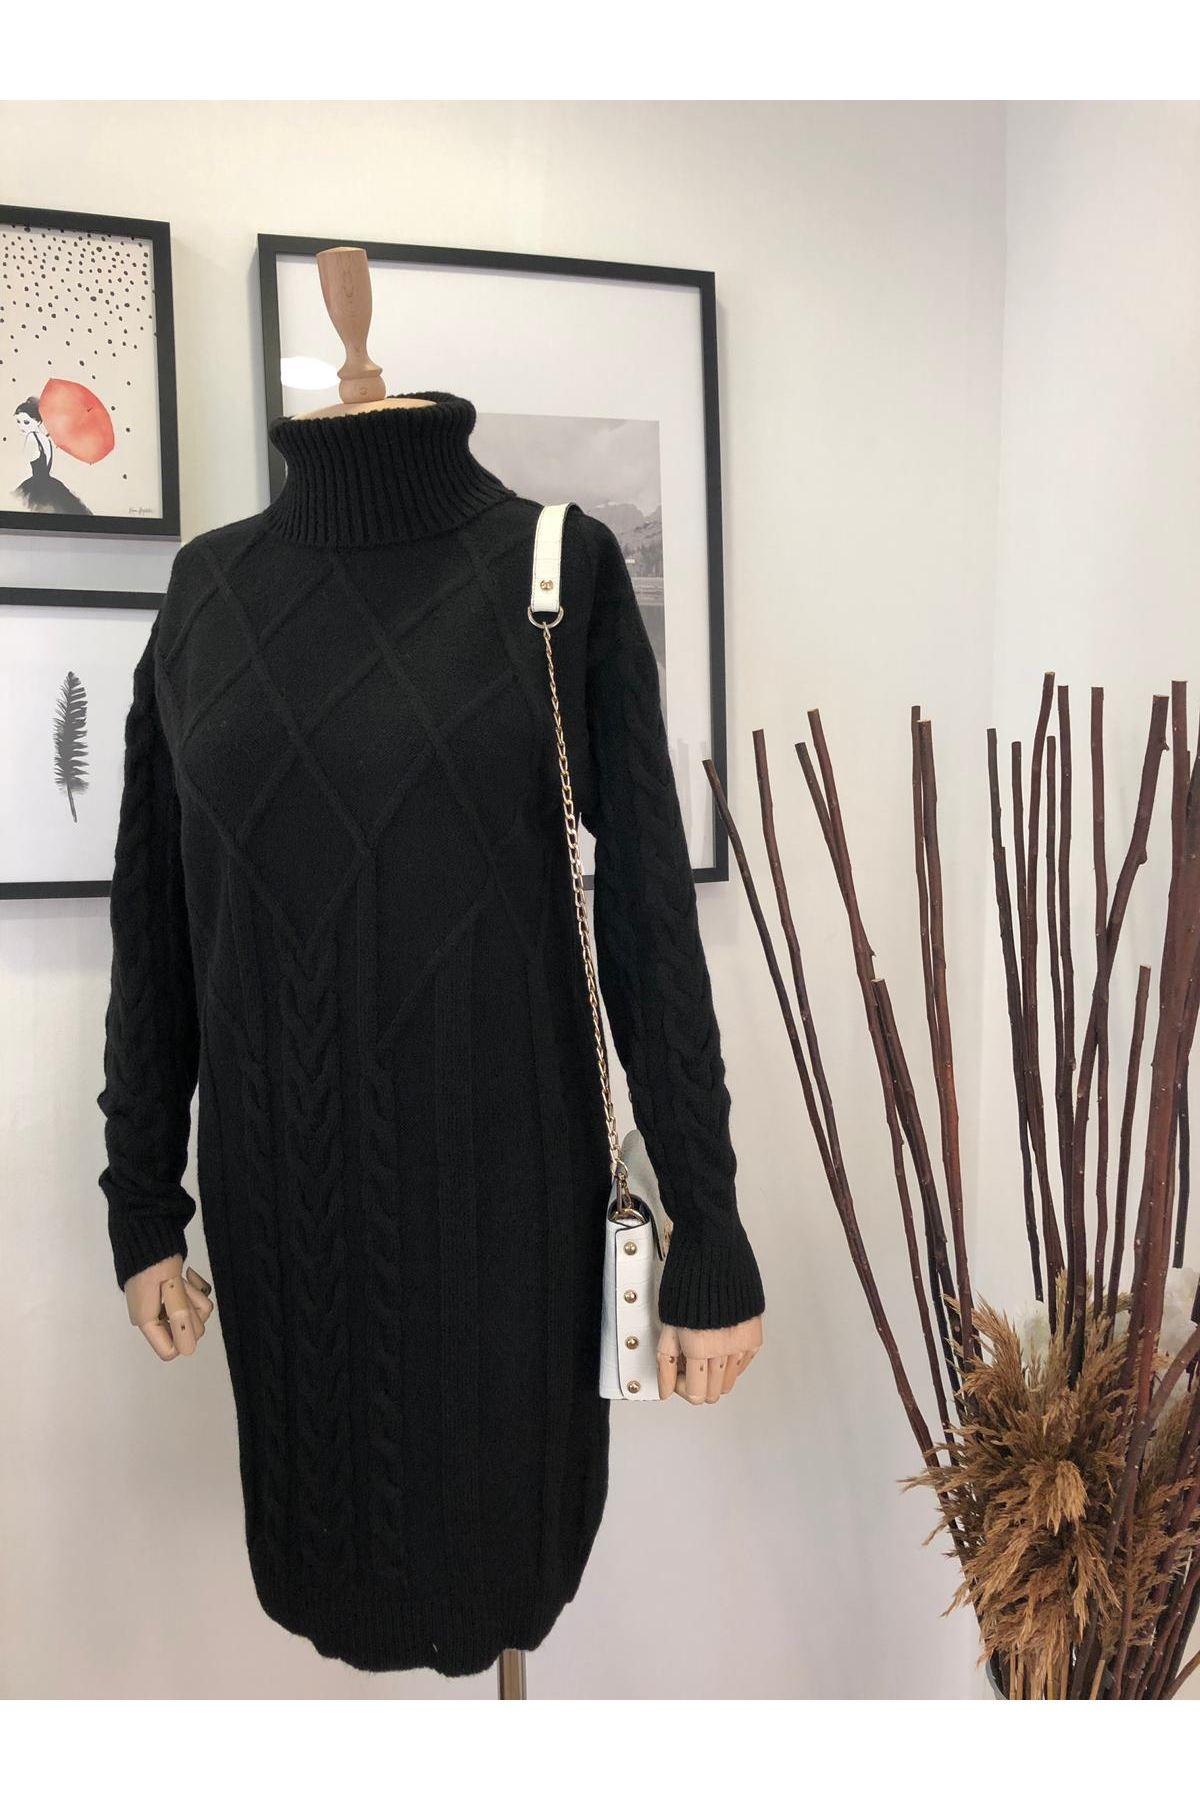 Boğazlı Önü İşlemeli Saç Örgü Triko Elbise K12 SİYAH